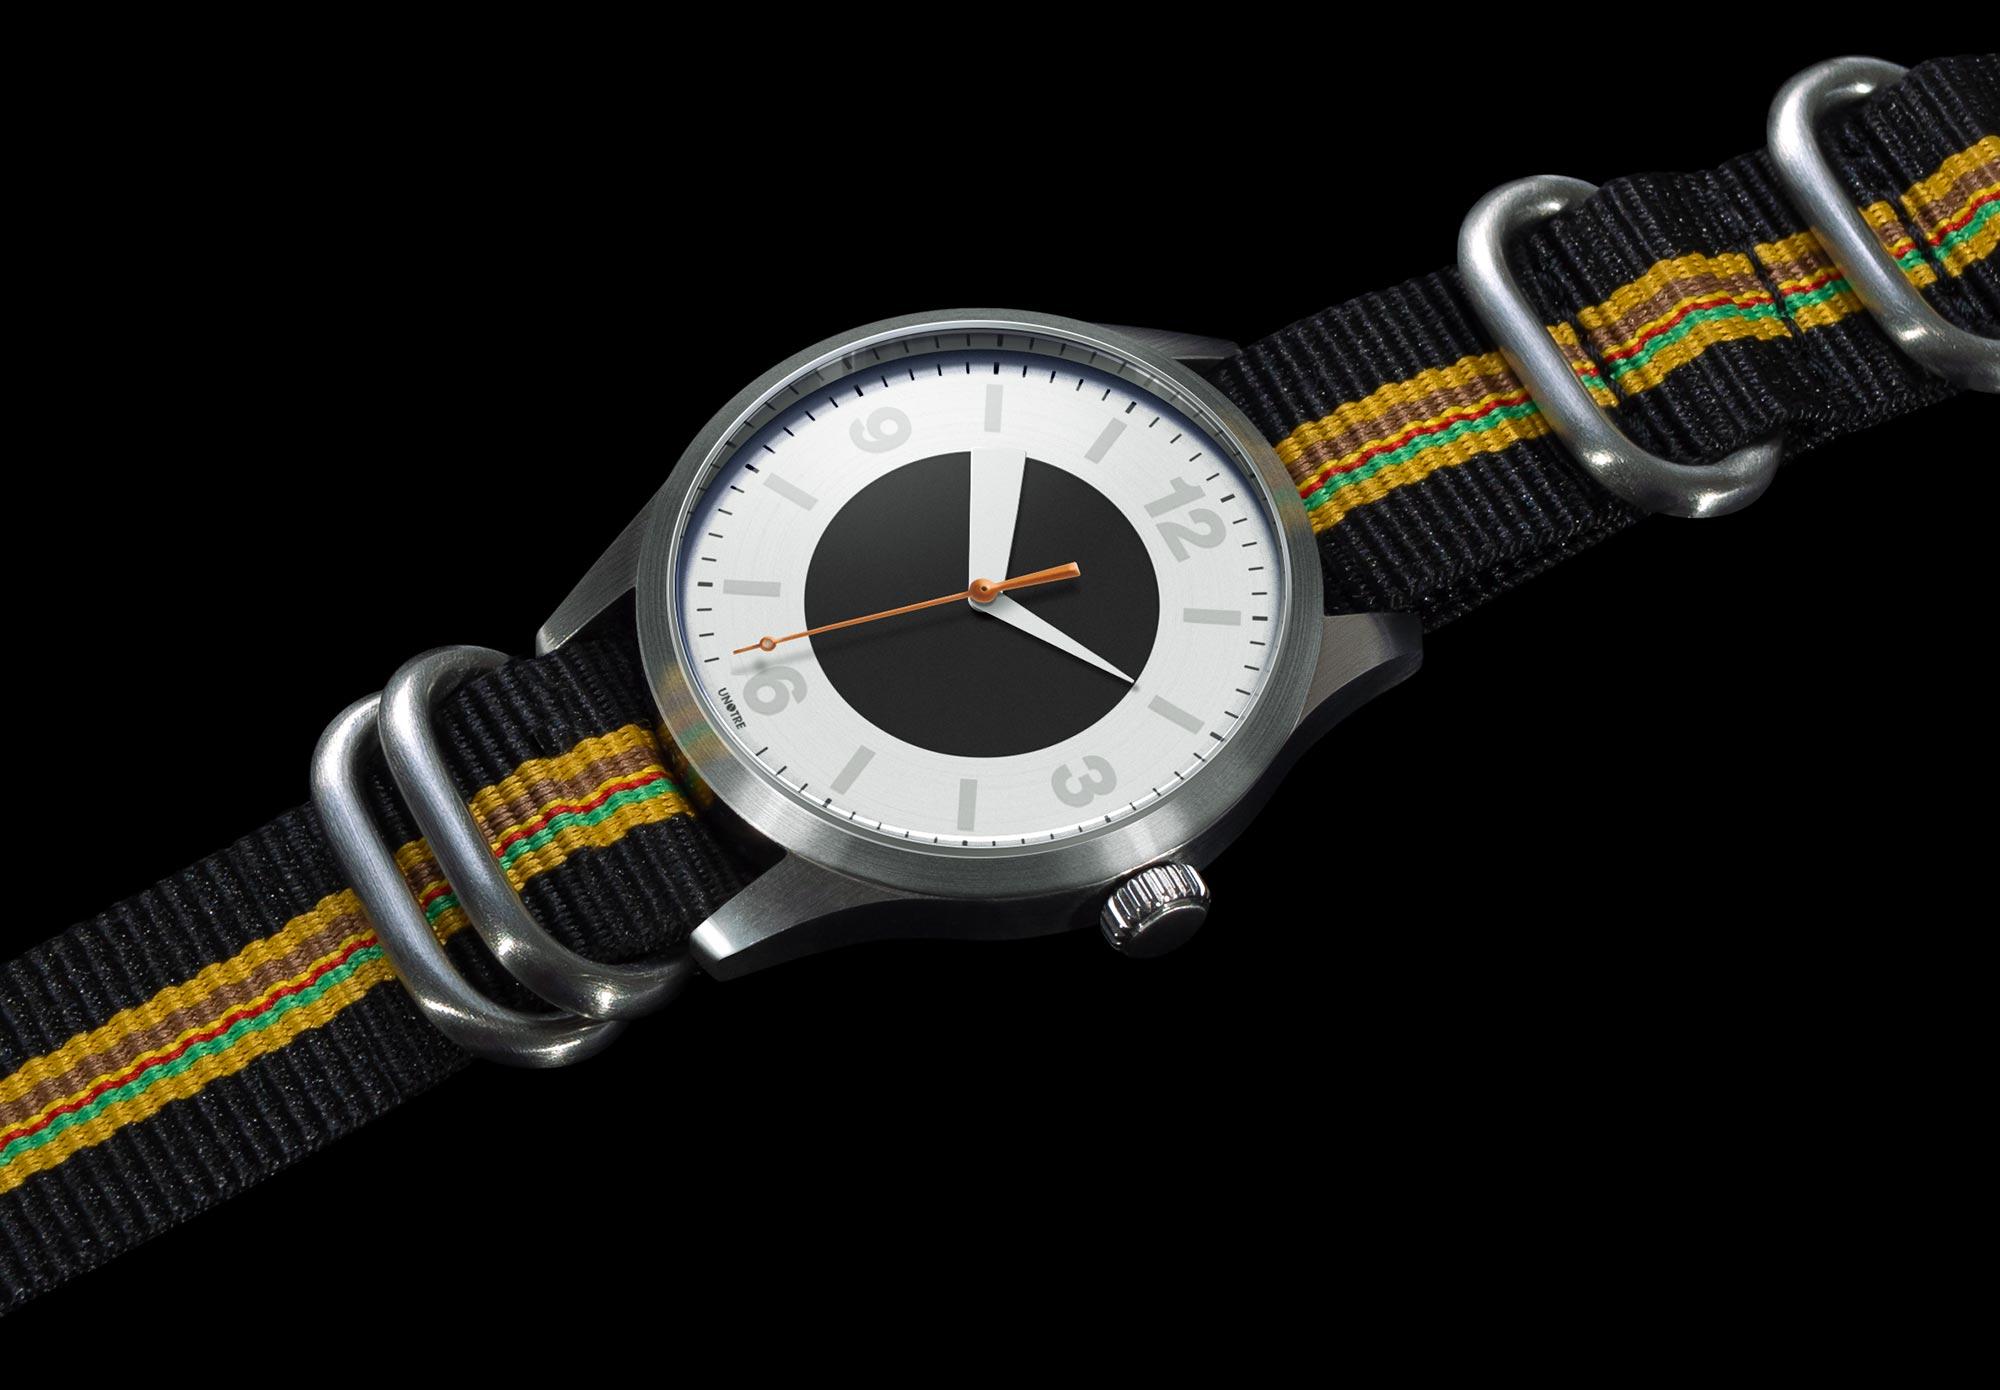 Orologio meccanico - versione normale